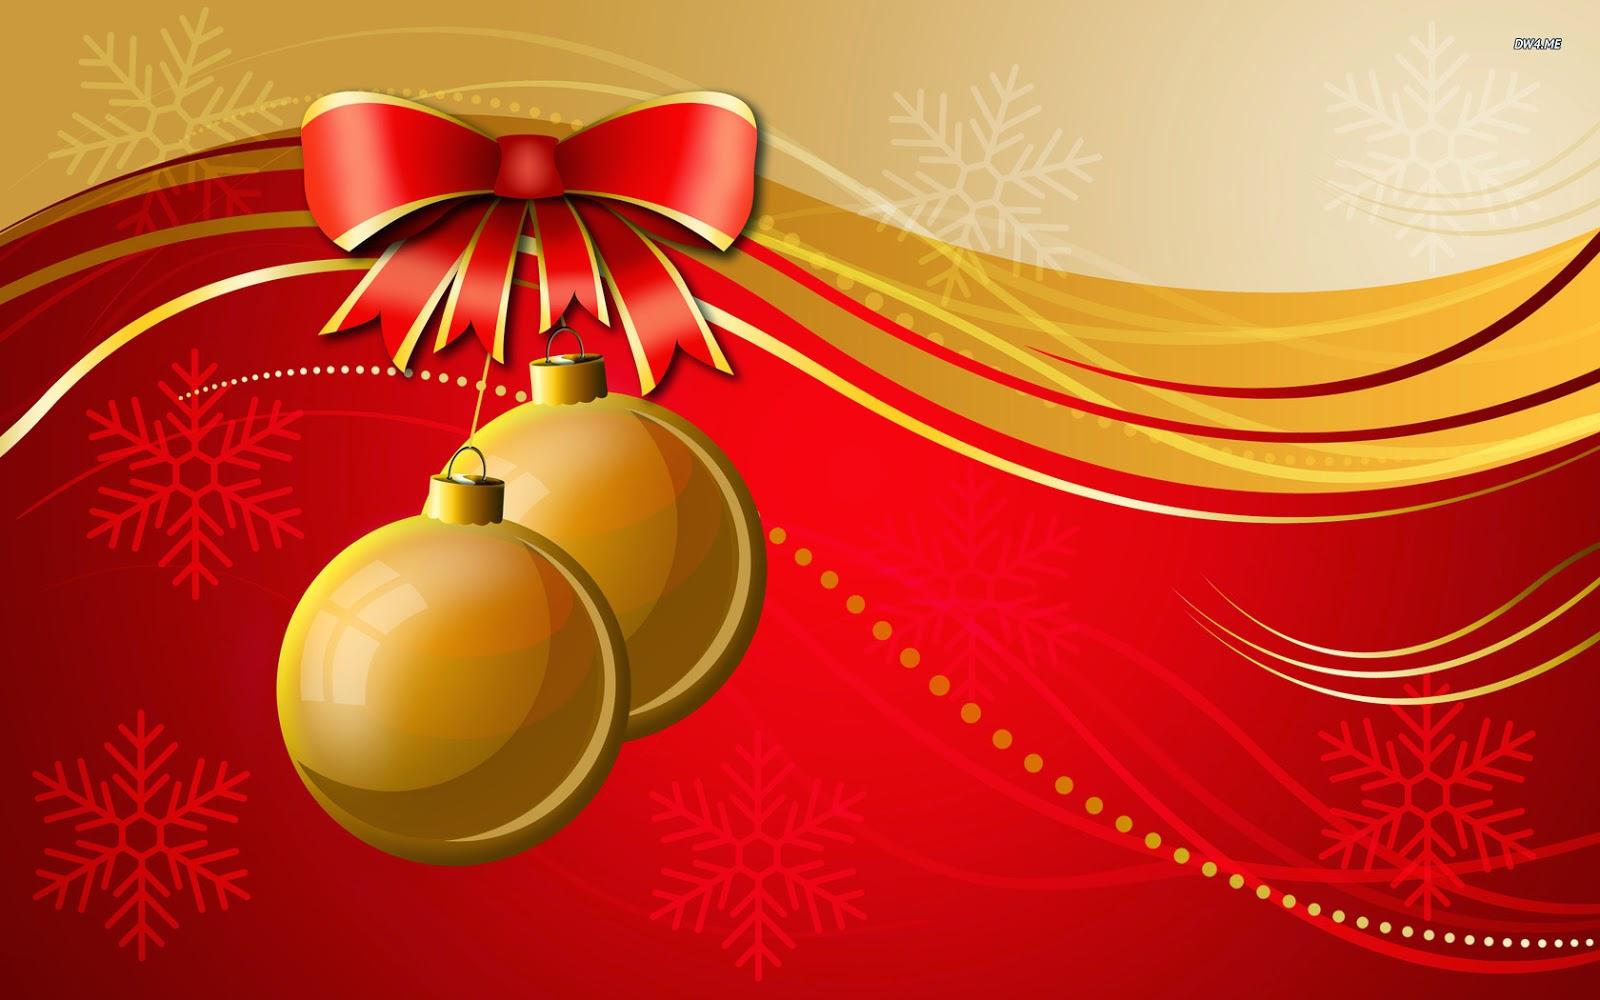 تحميل خلفيات الكريسماس 2015